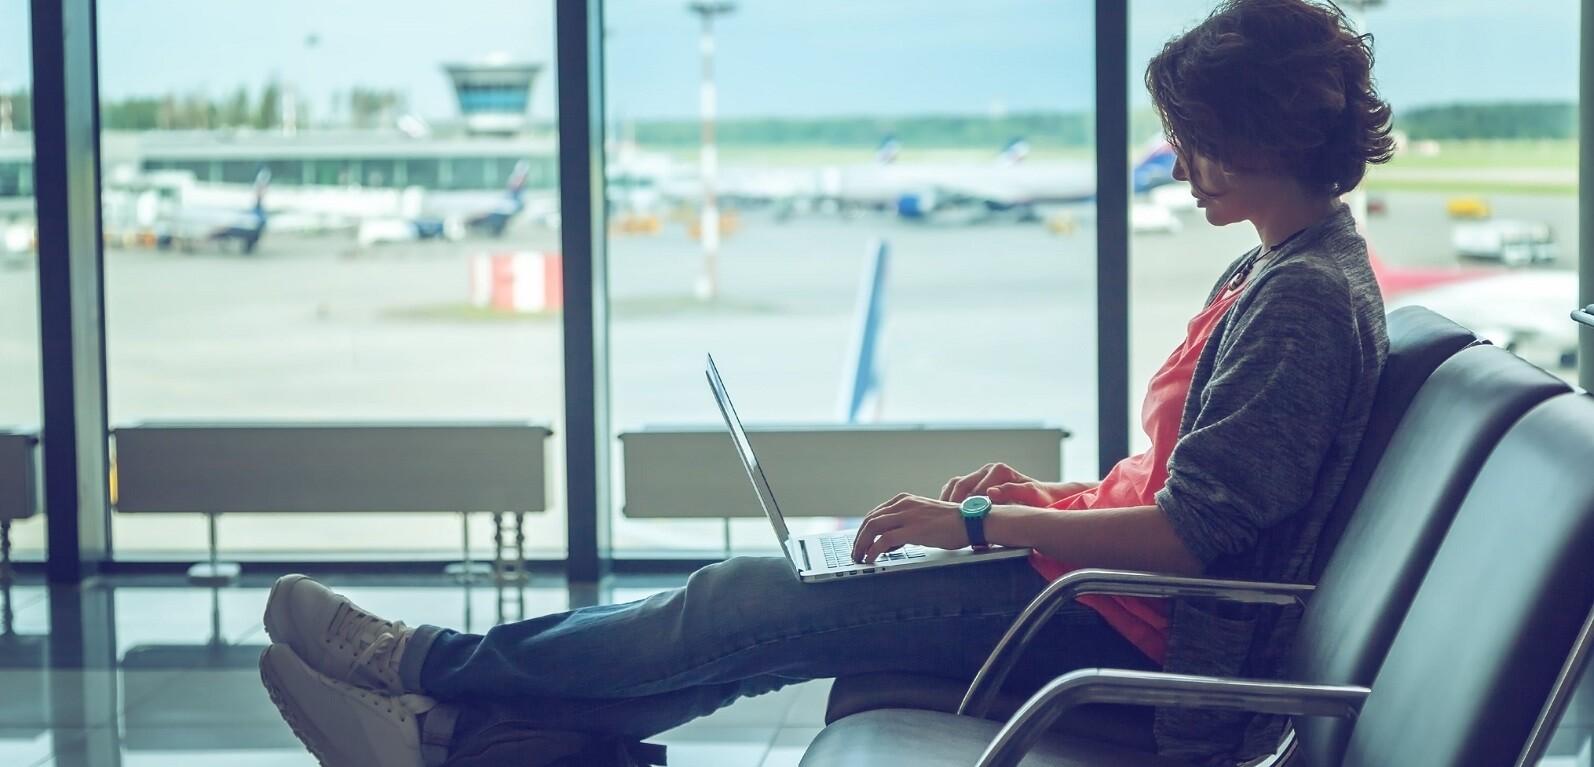 nômade digital: uma mulher de cabelo curto em um aeroporto com laptop no colo.